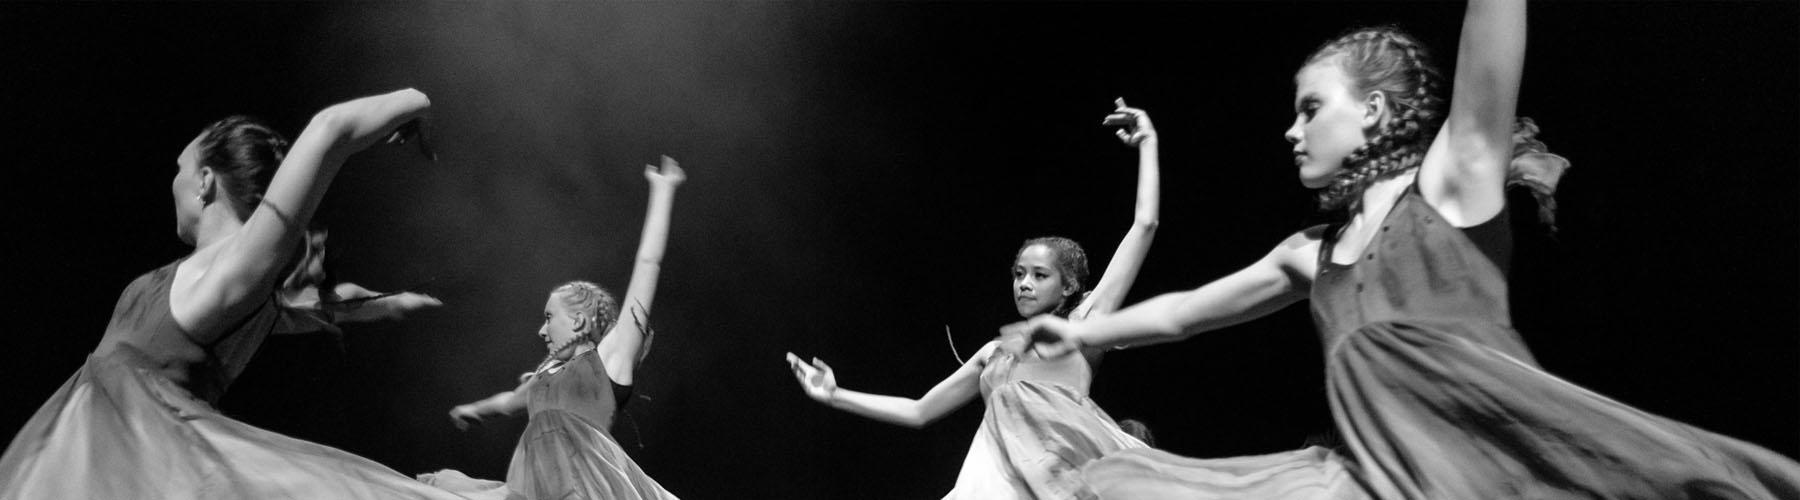 Wat kost dansen in Den Haag Escamp?